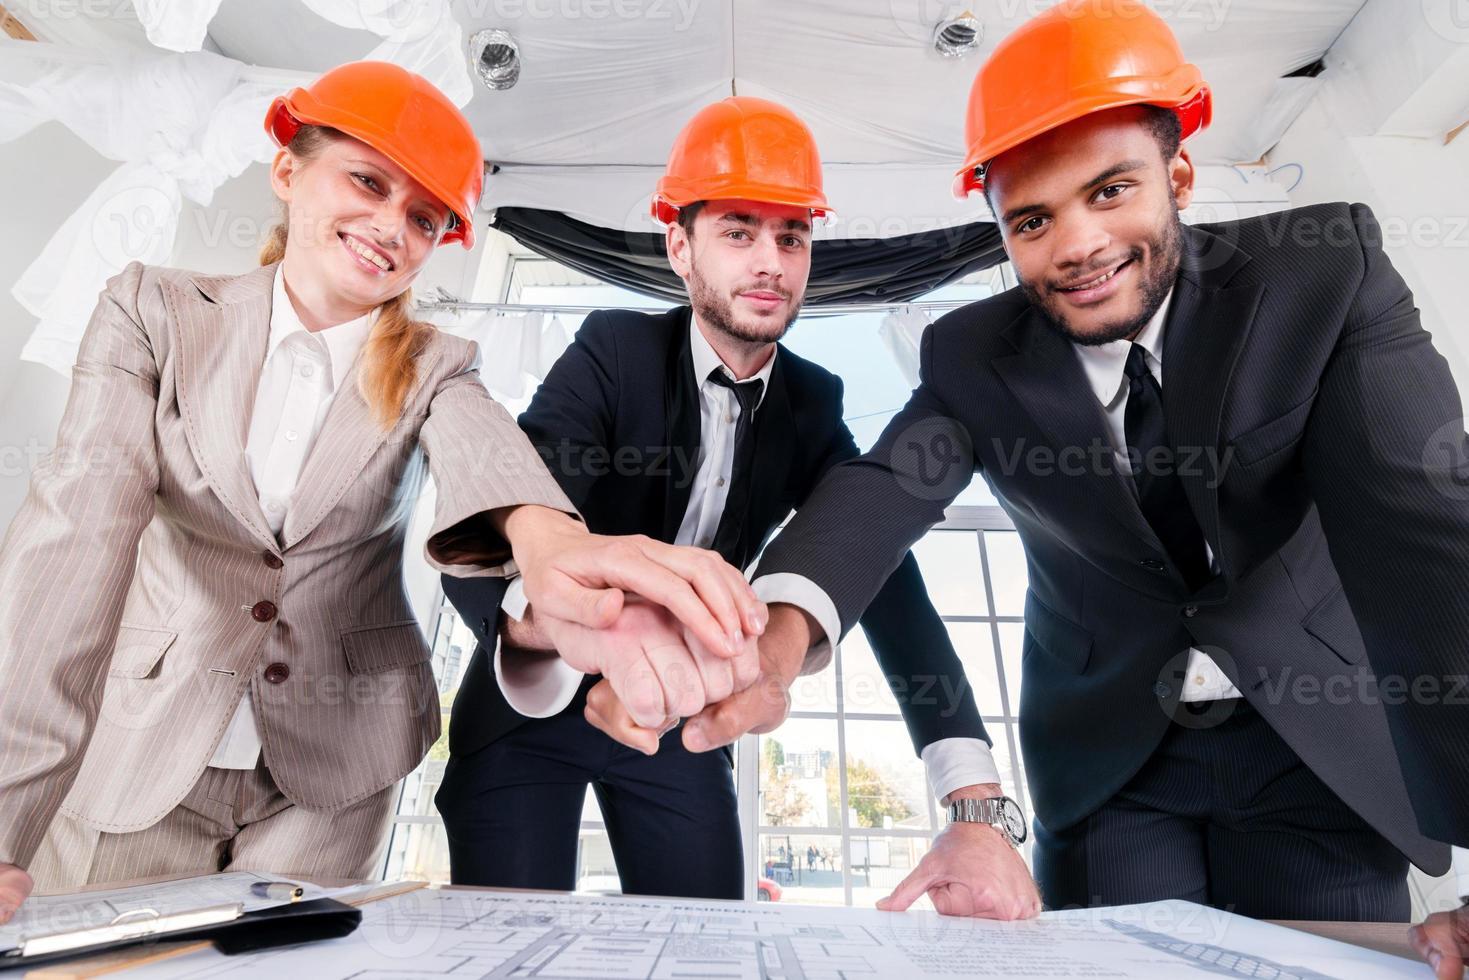 les architectes ont posé les mains sur les mains. trois hommes d'affaires architecte rencontré photo